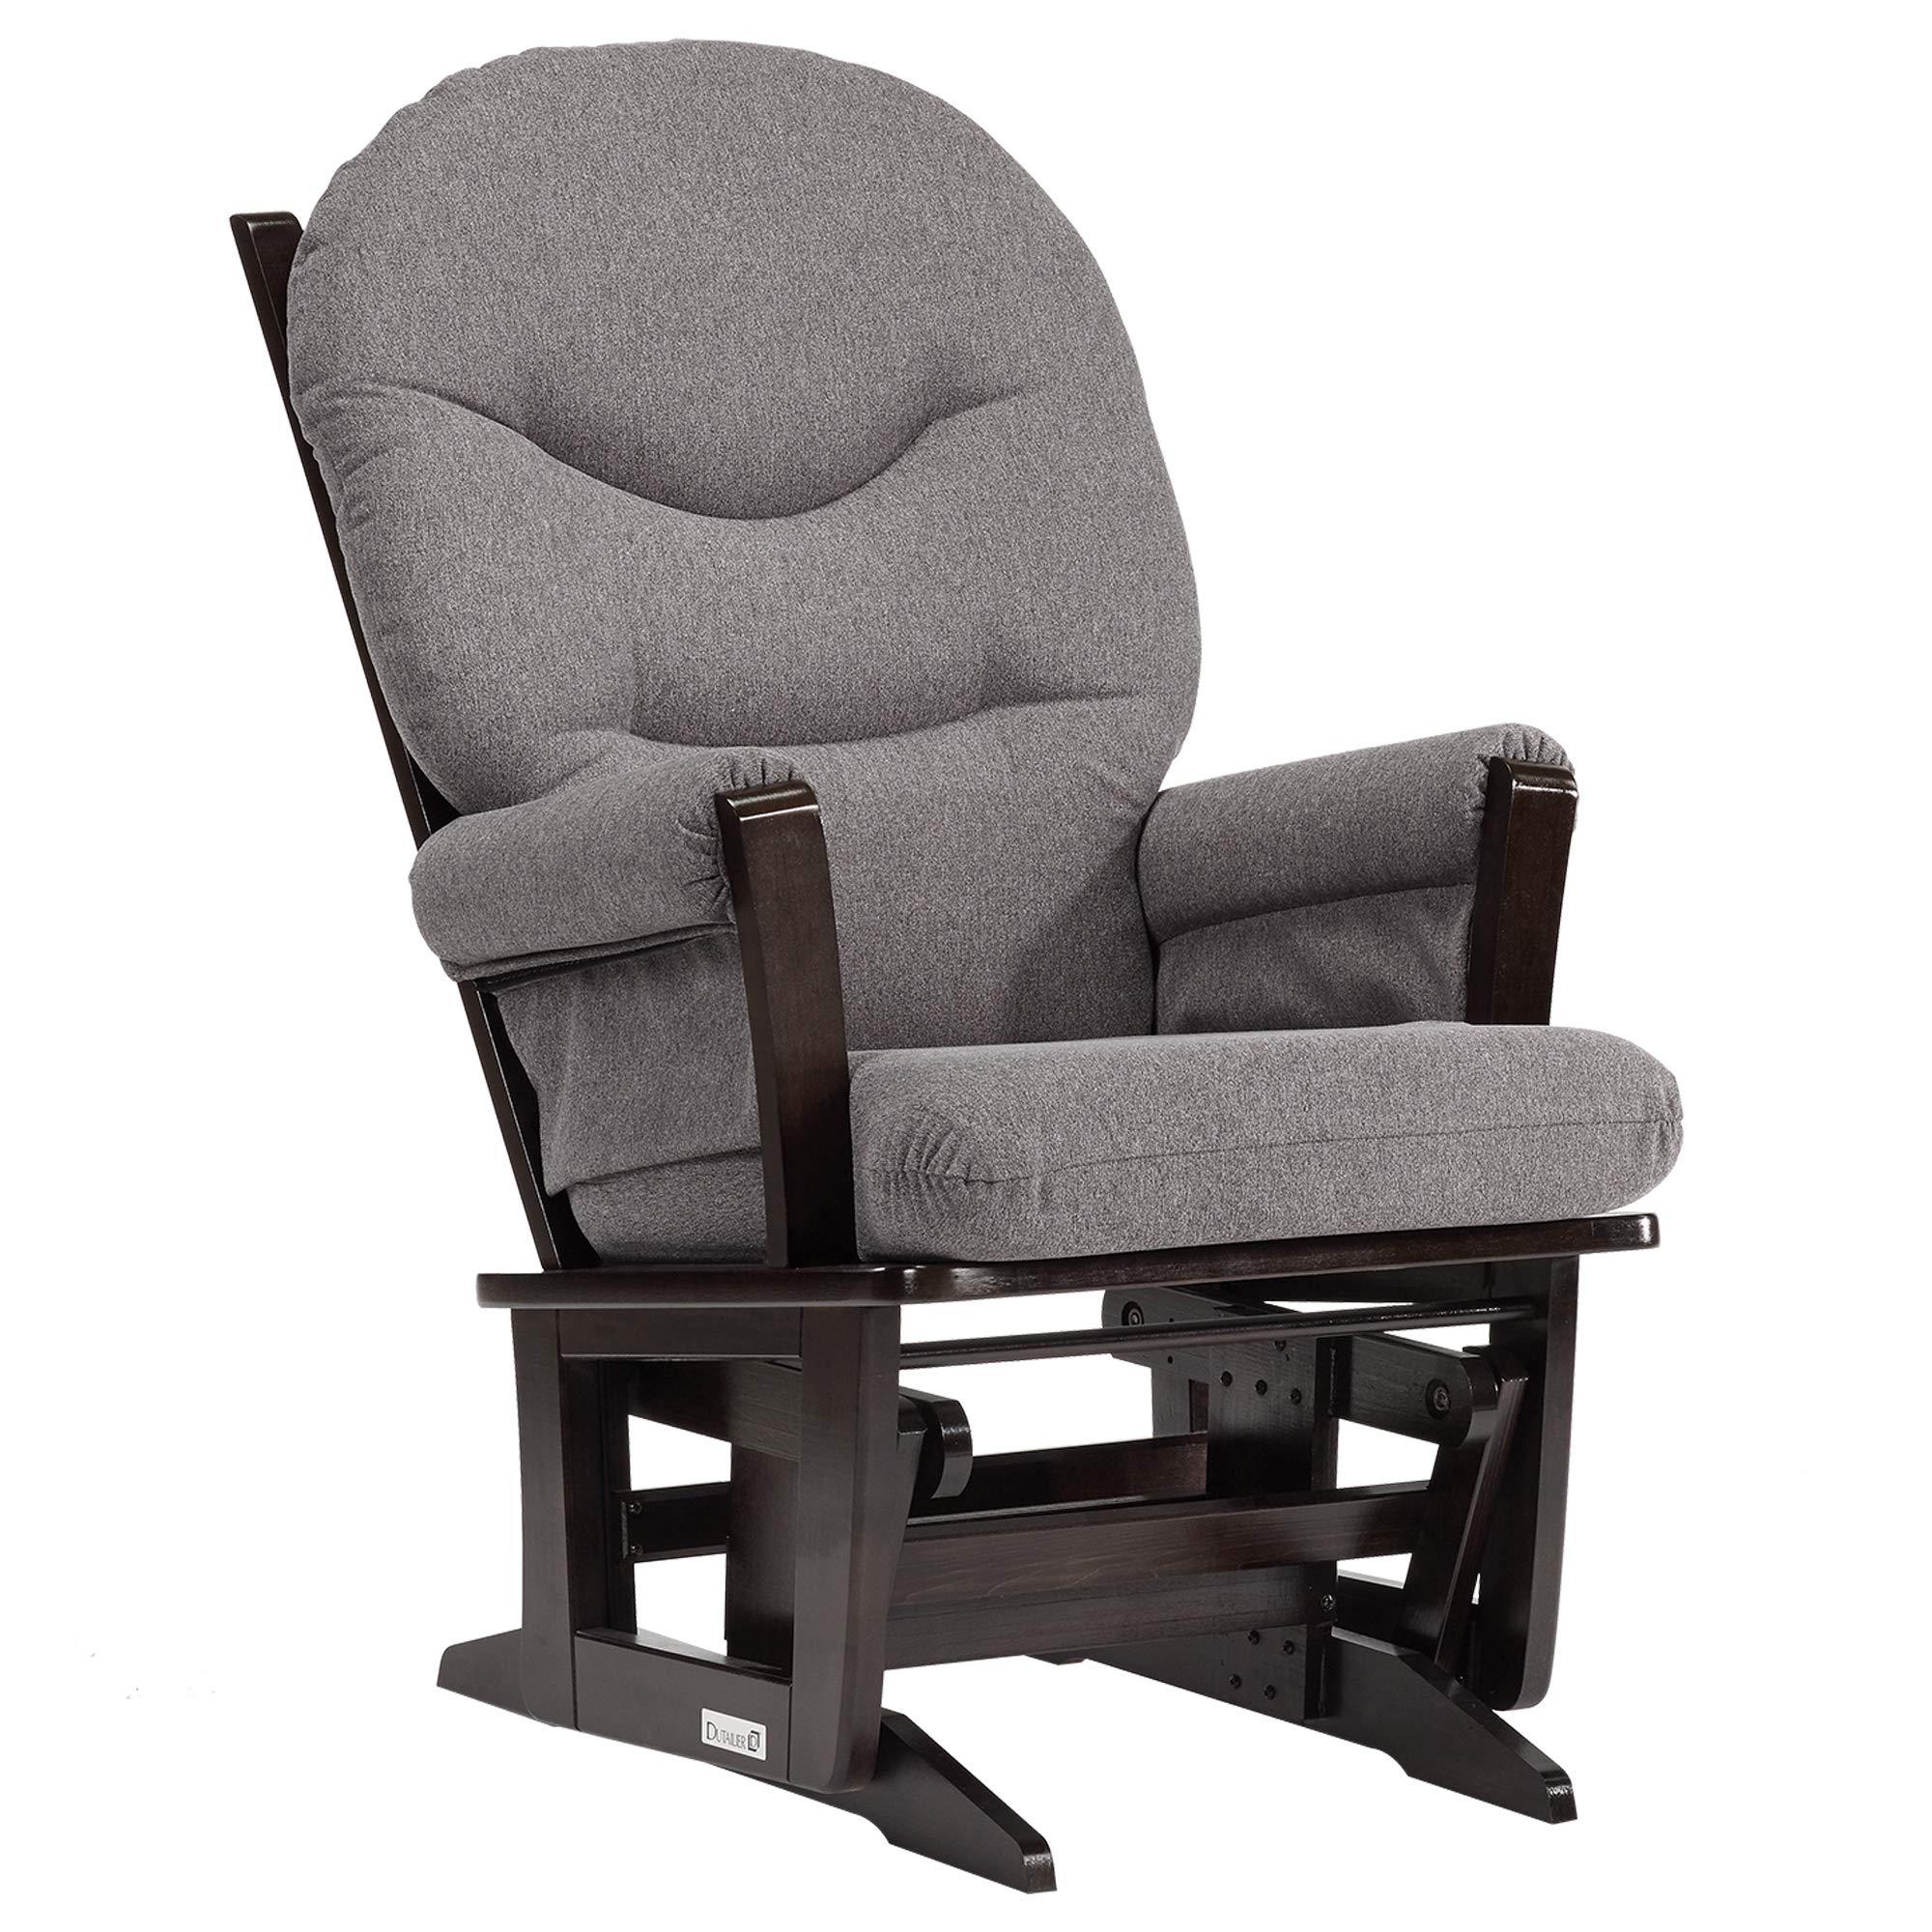 Dutailier Modern 0427 Glider Chair by Dutailier